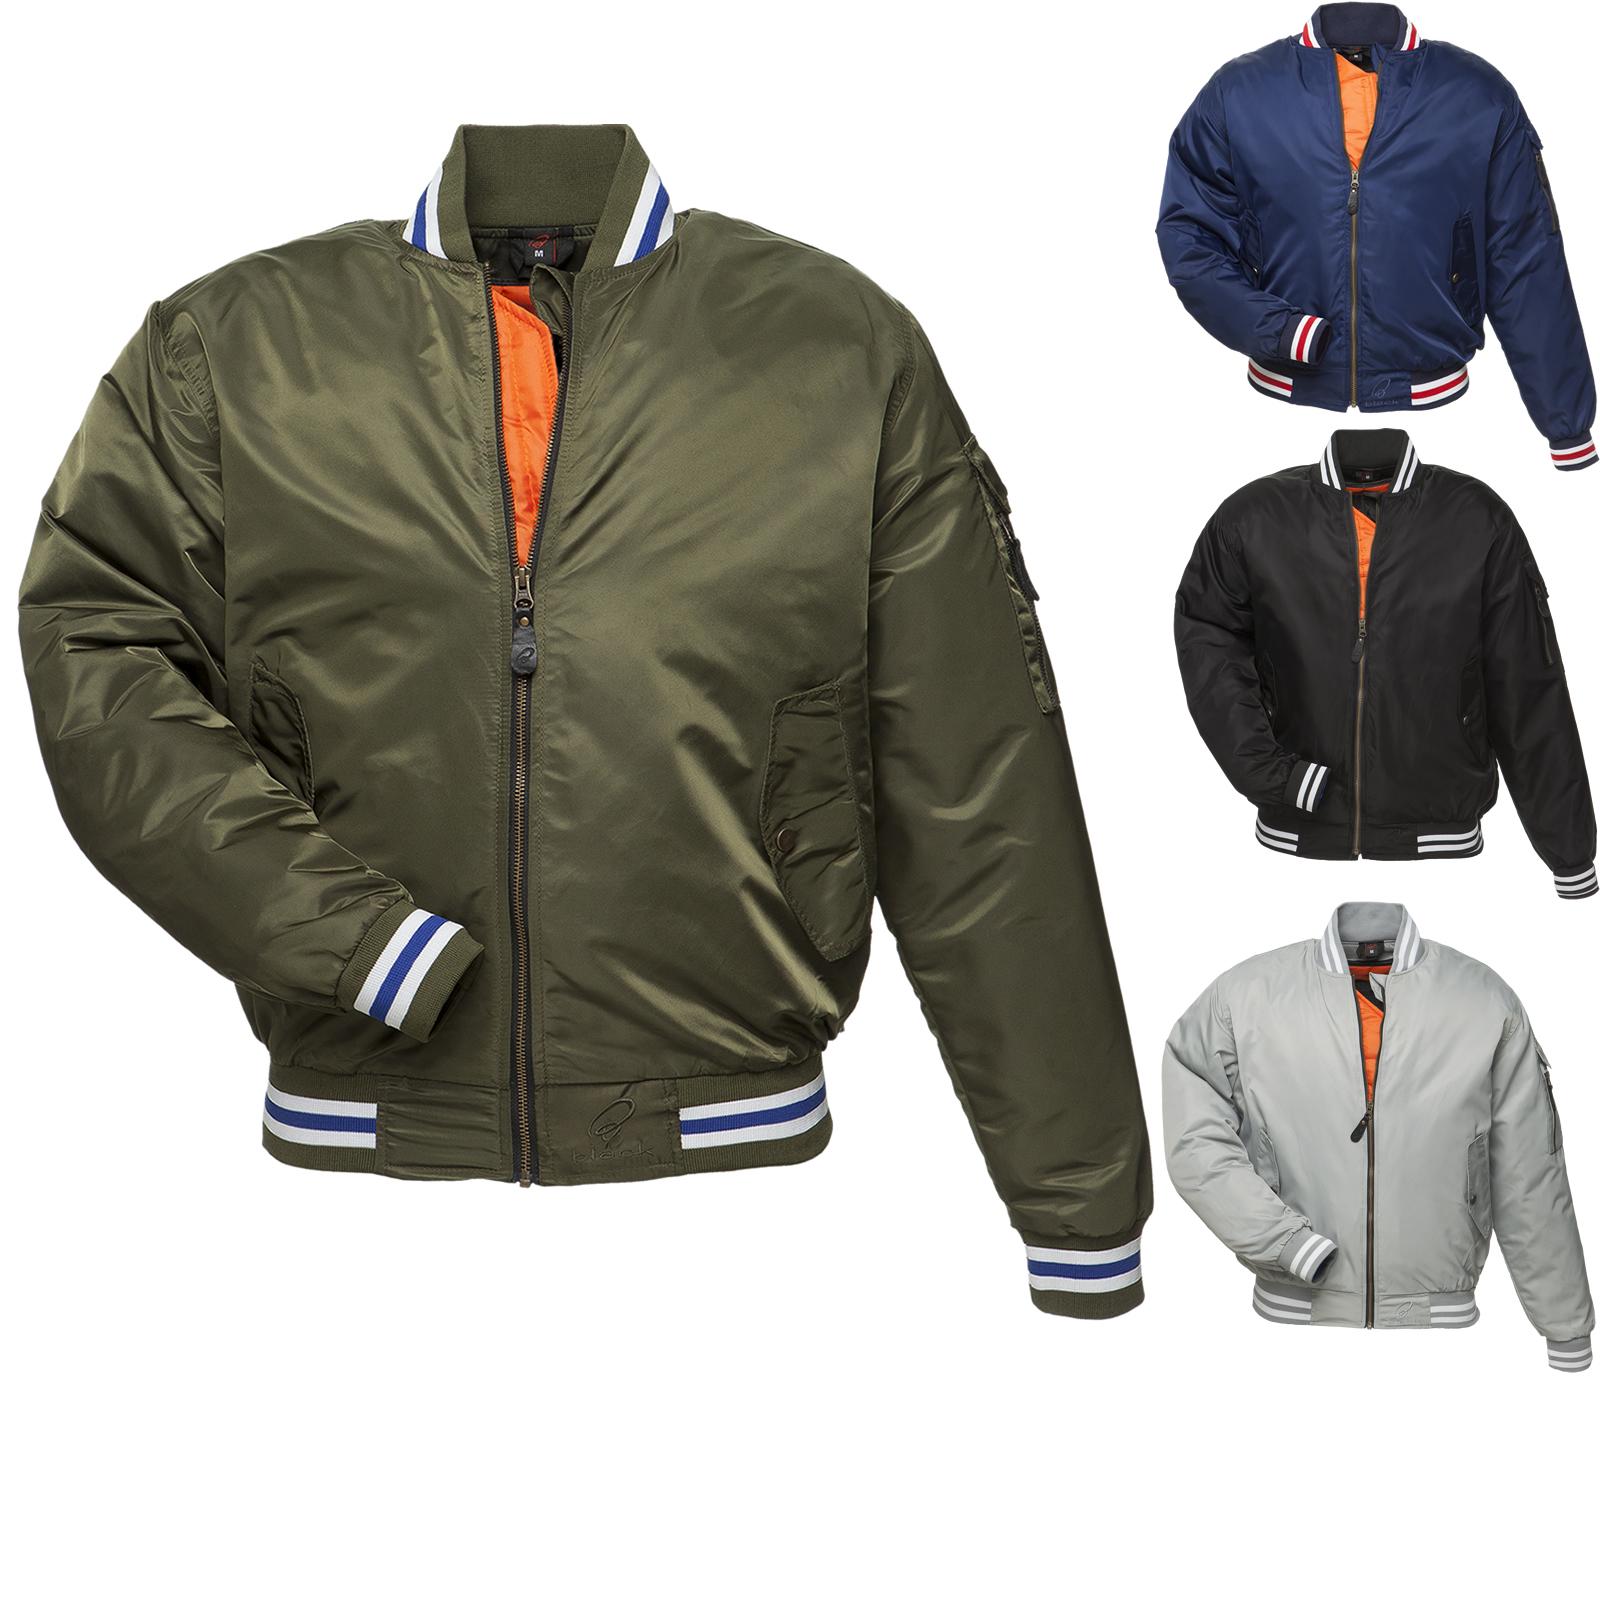 Motorbike Jacket should be £94.99 - £34.42 @ Ghost Bikes